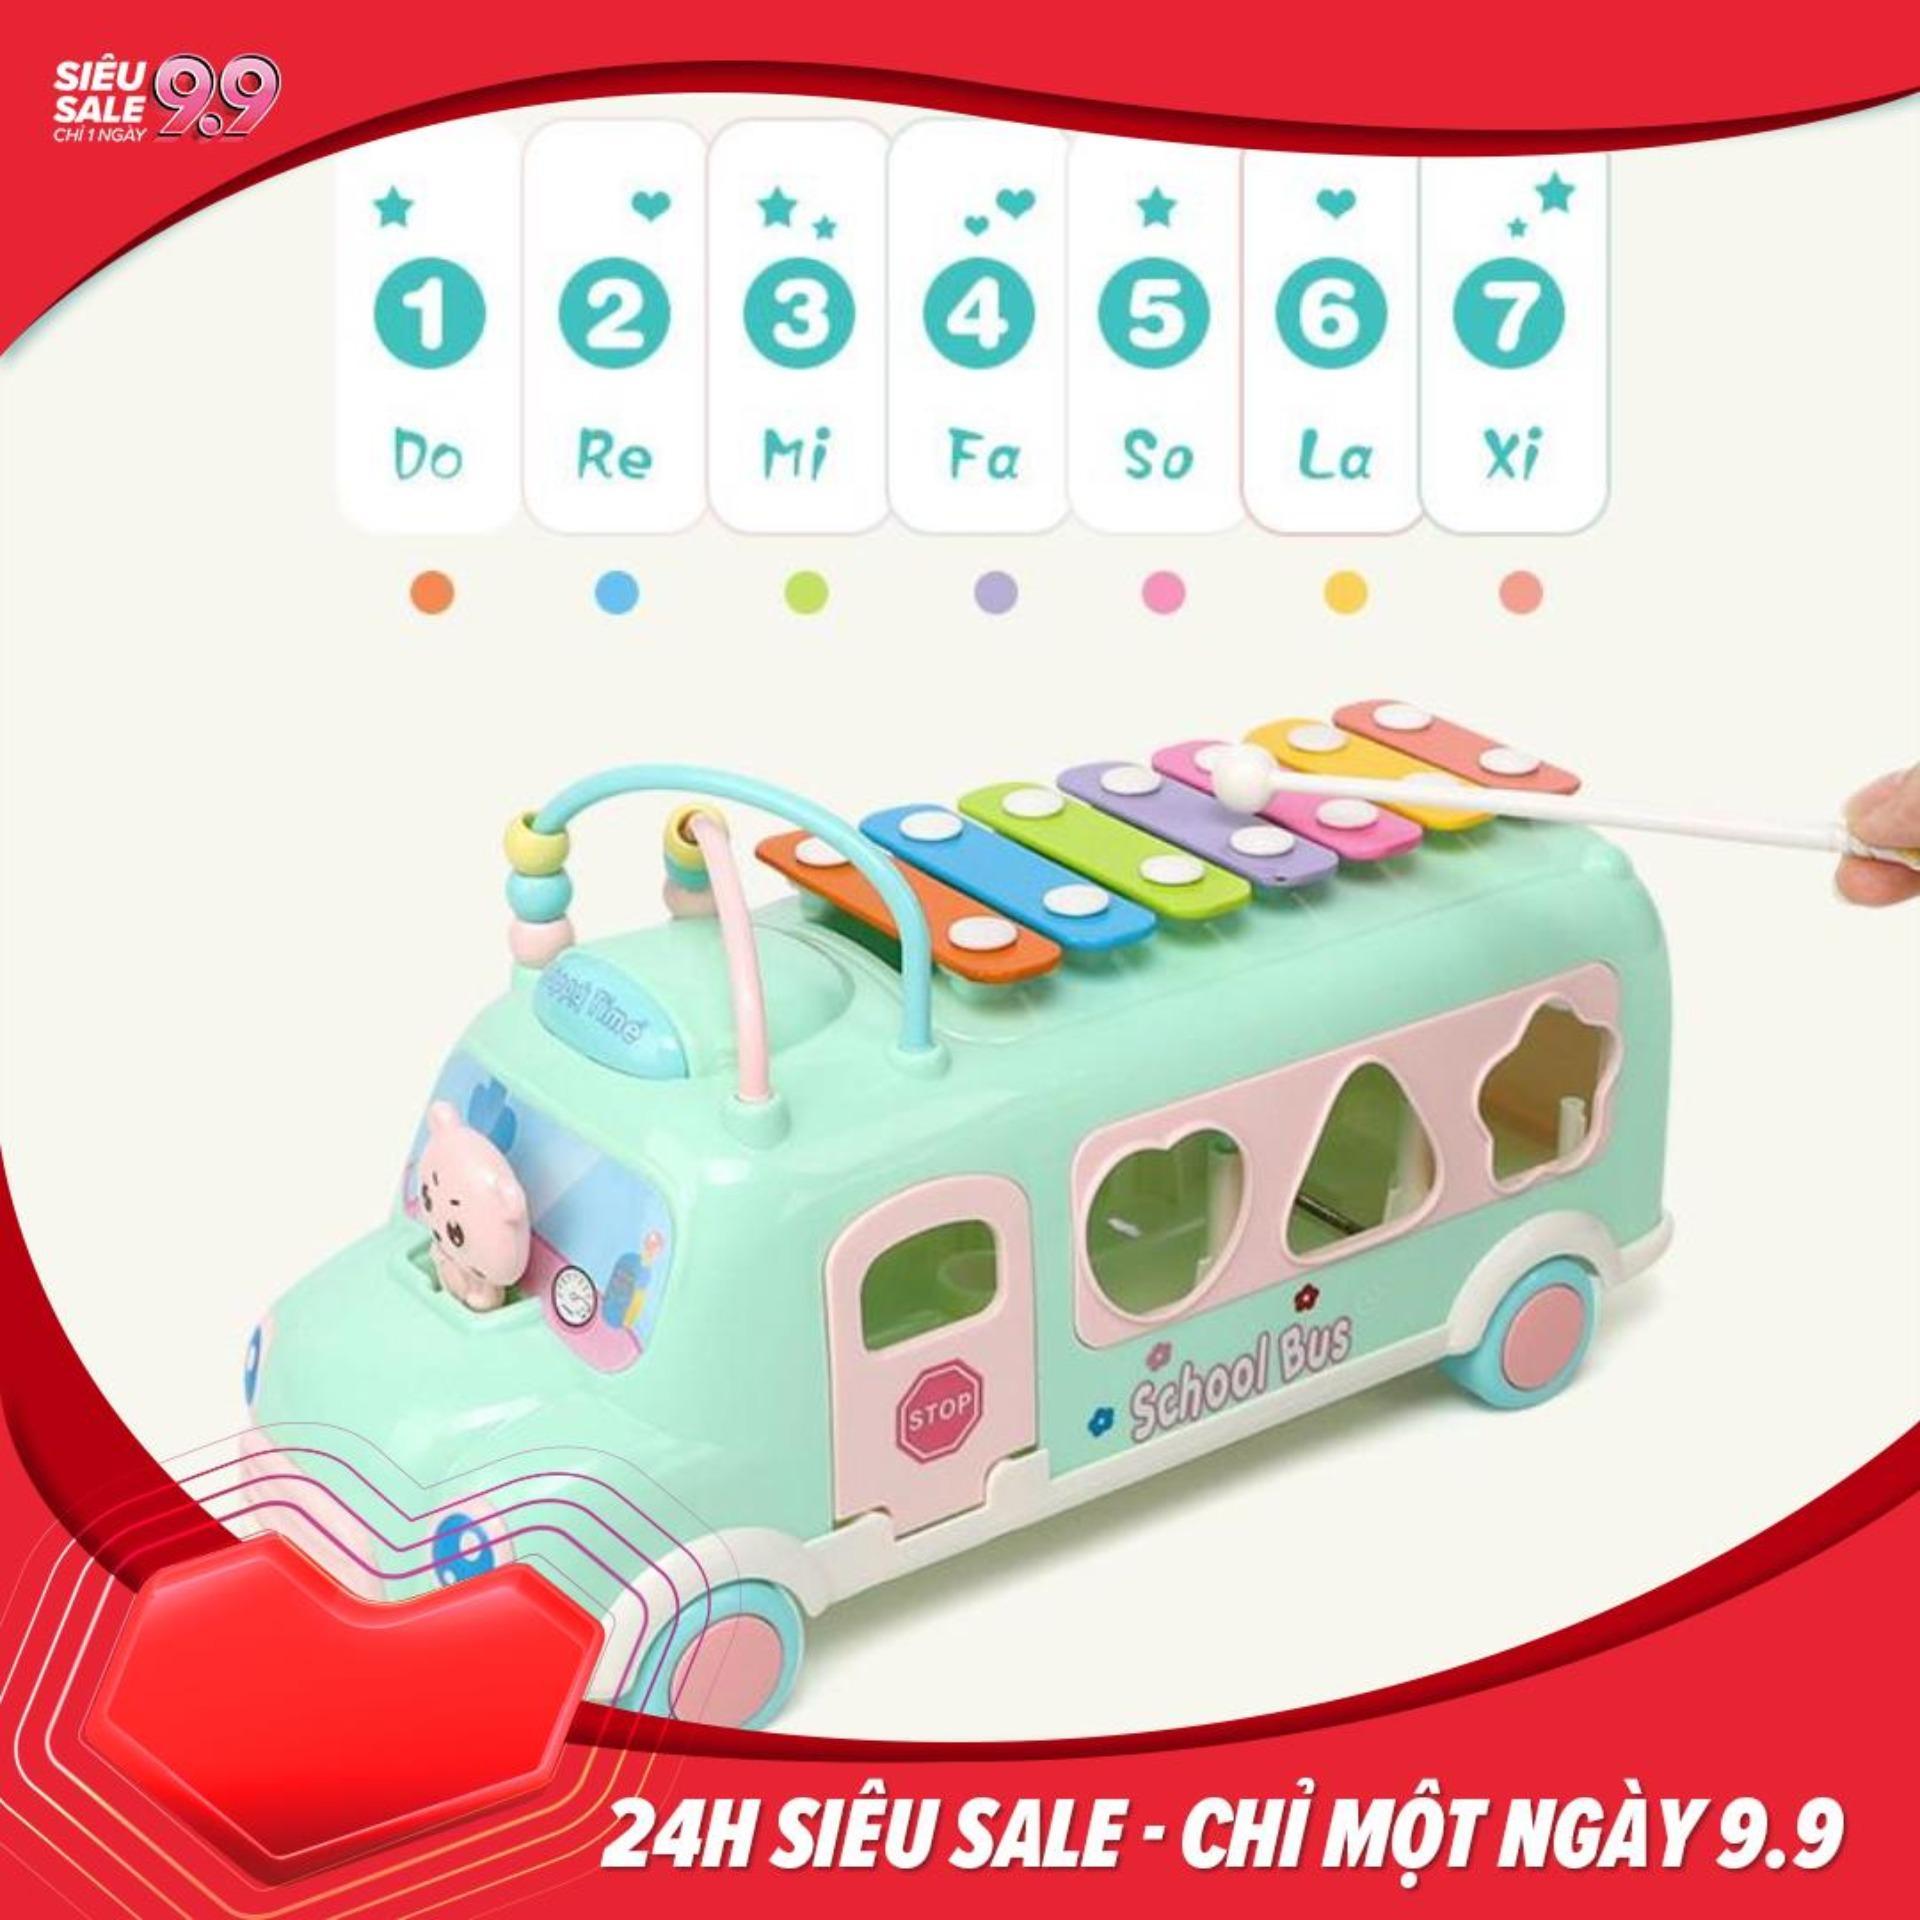 Đồ chơi xe school bus thả hình khối kèm đàn gõ piano cho bé phát triển trí thông minh Nhật Bản